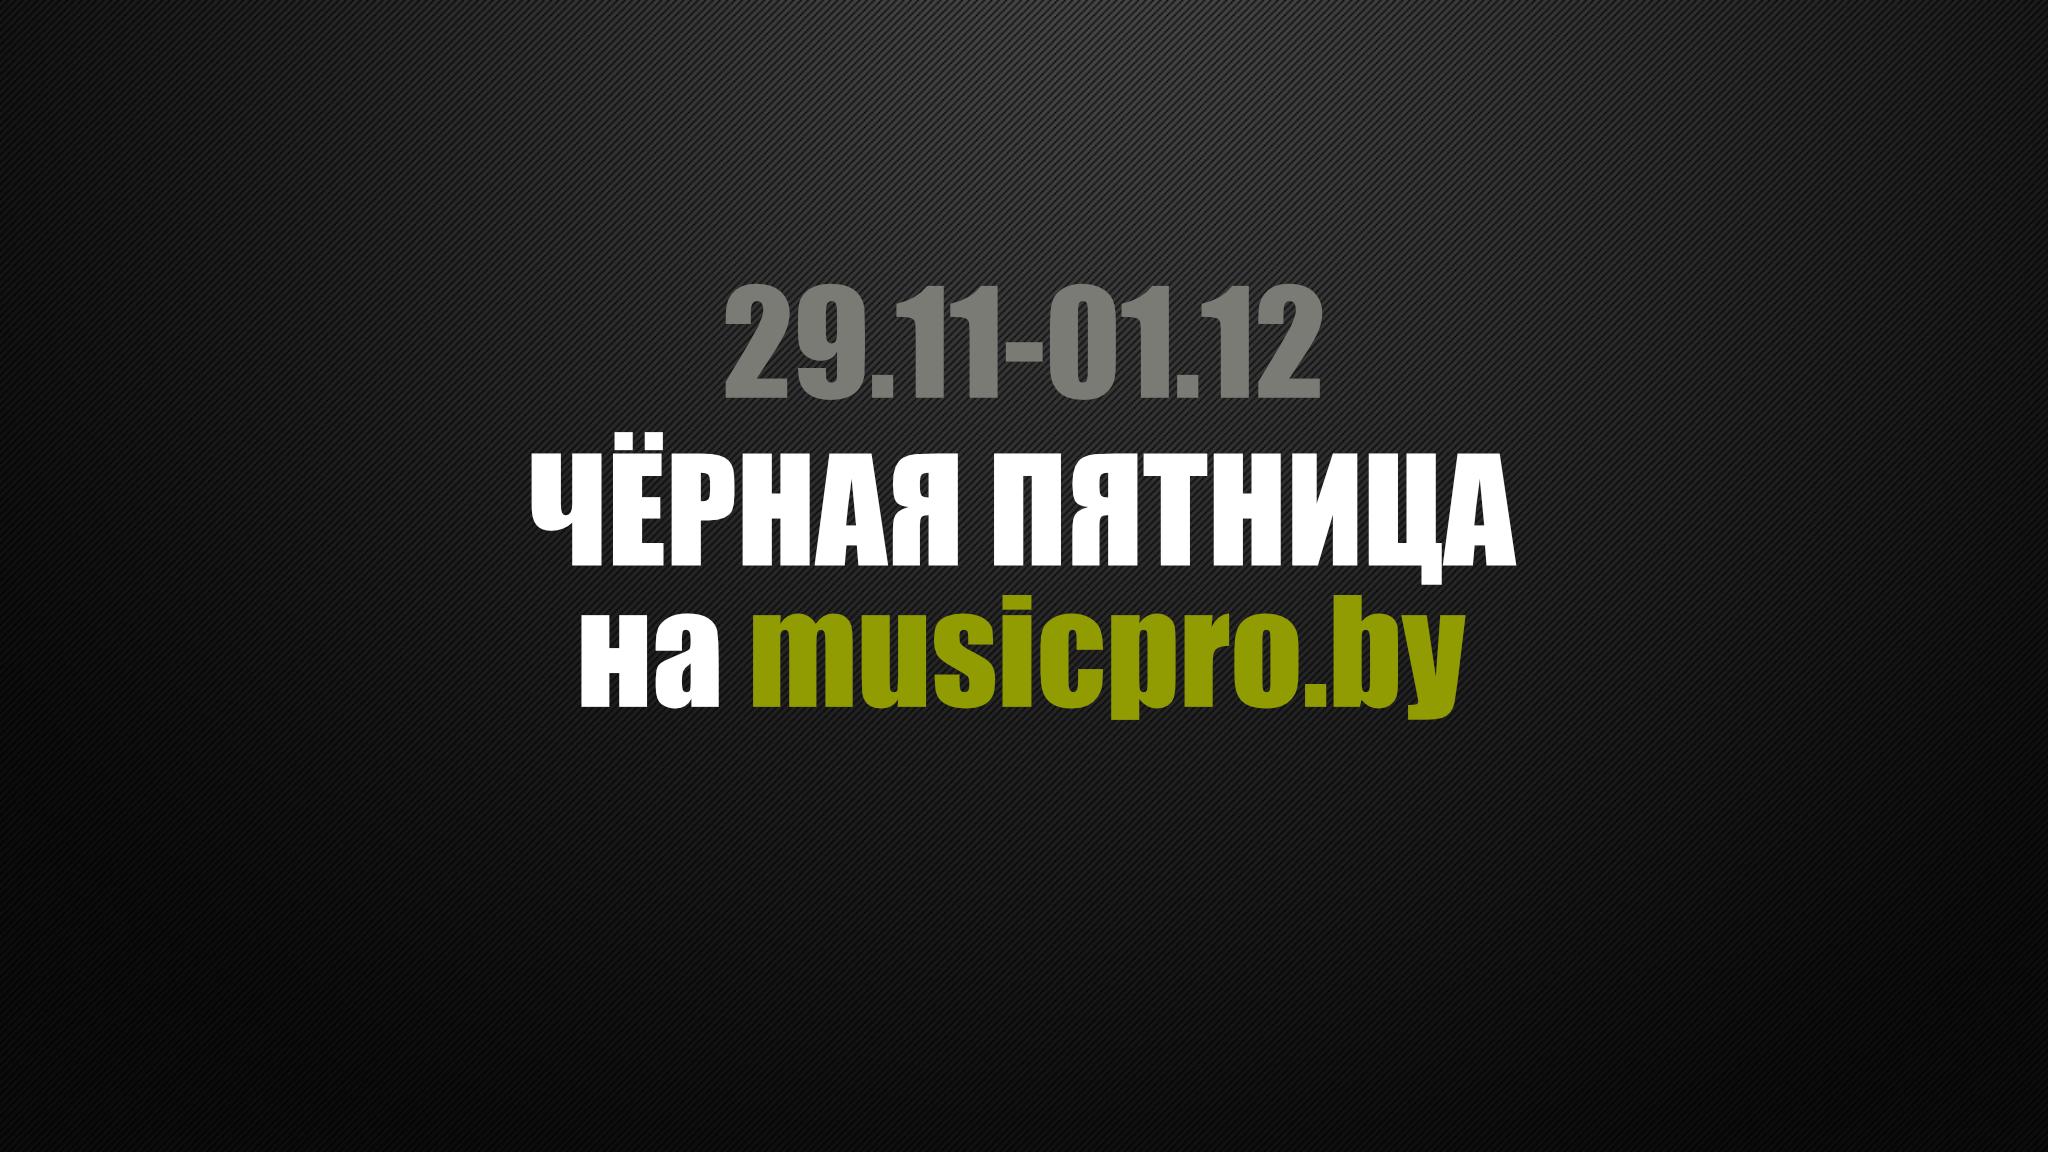 Чёрная Пятница 29.11-01.12